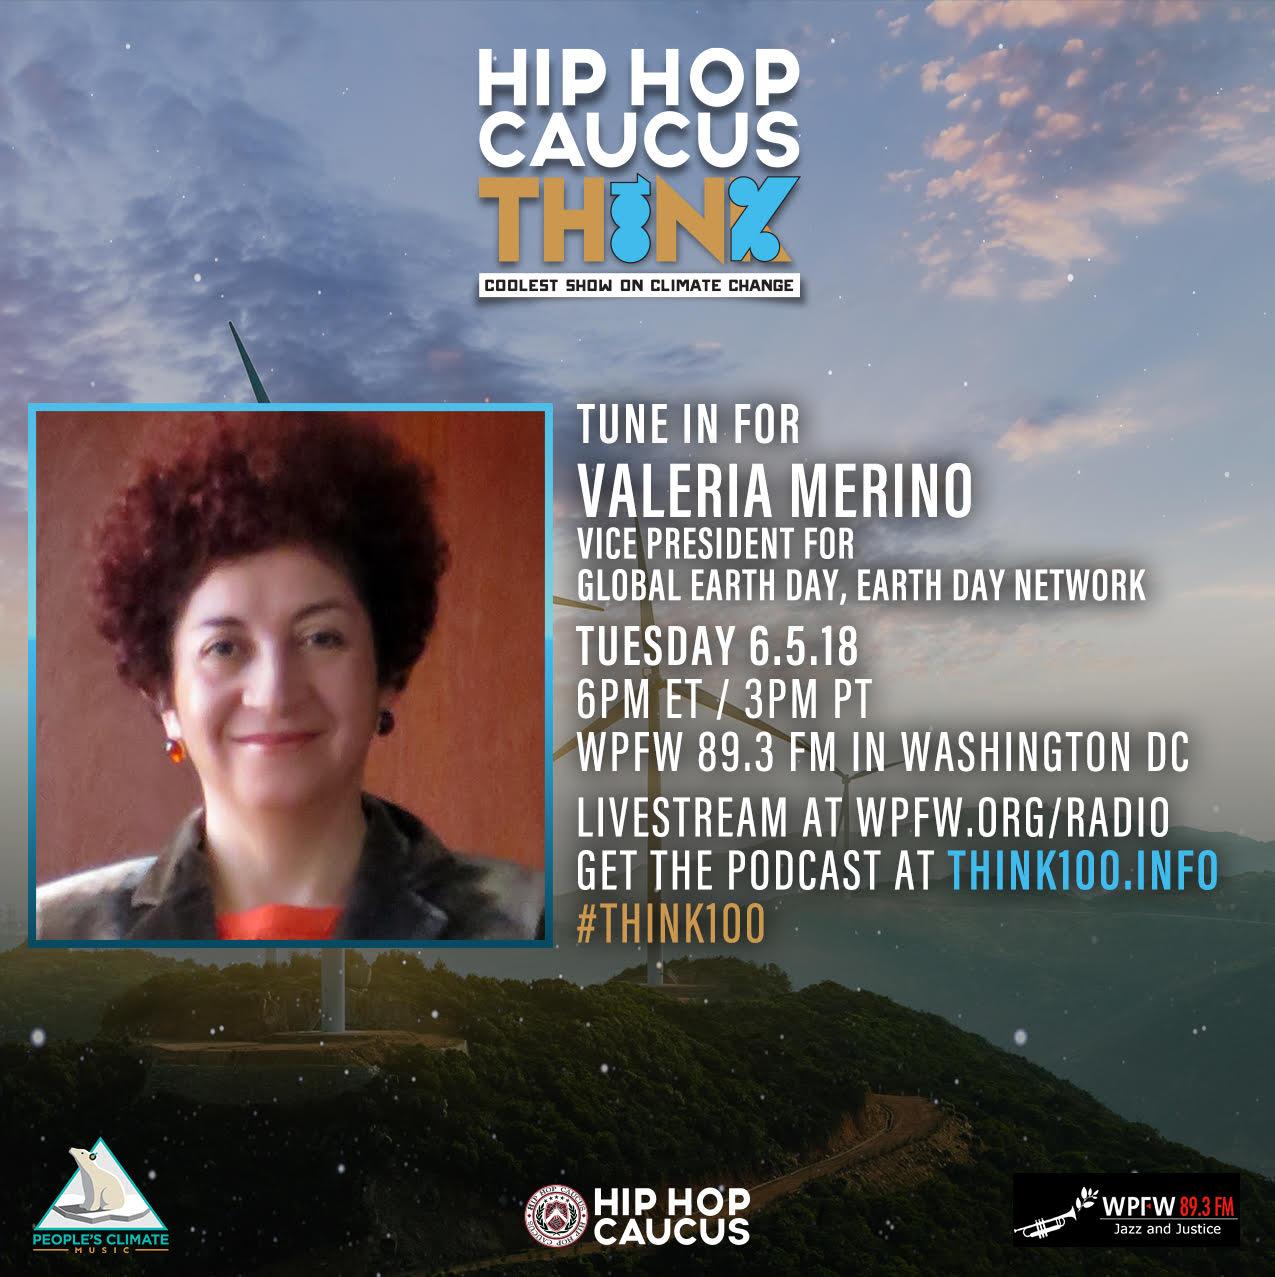 Valeria Merino